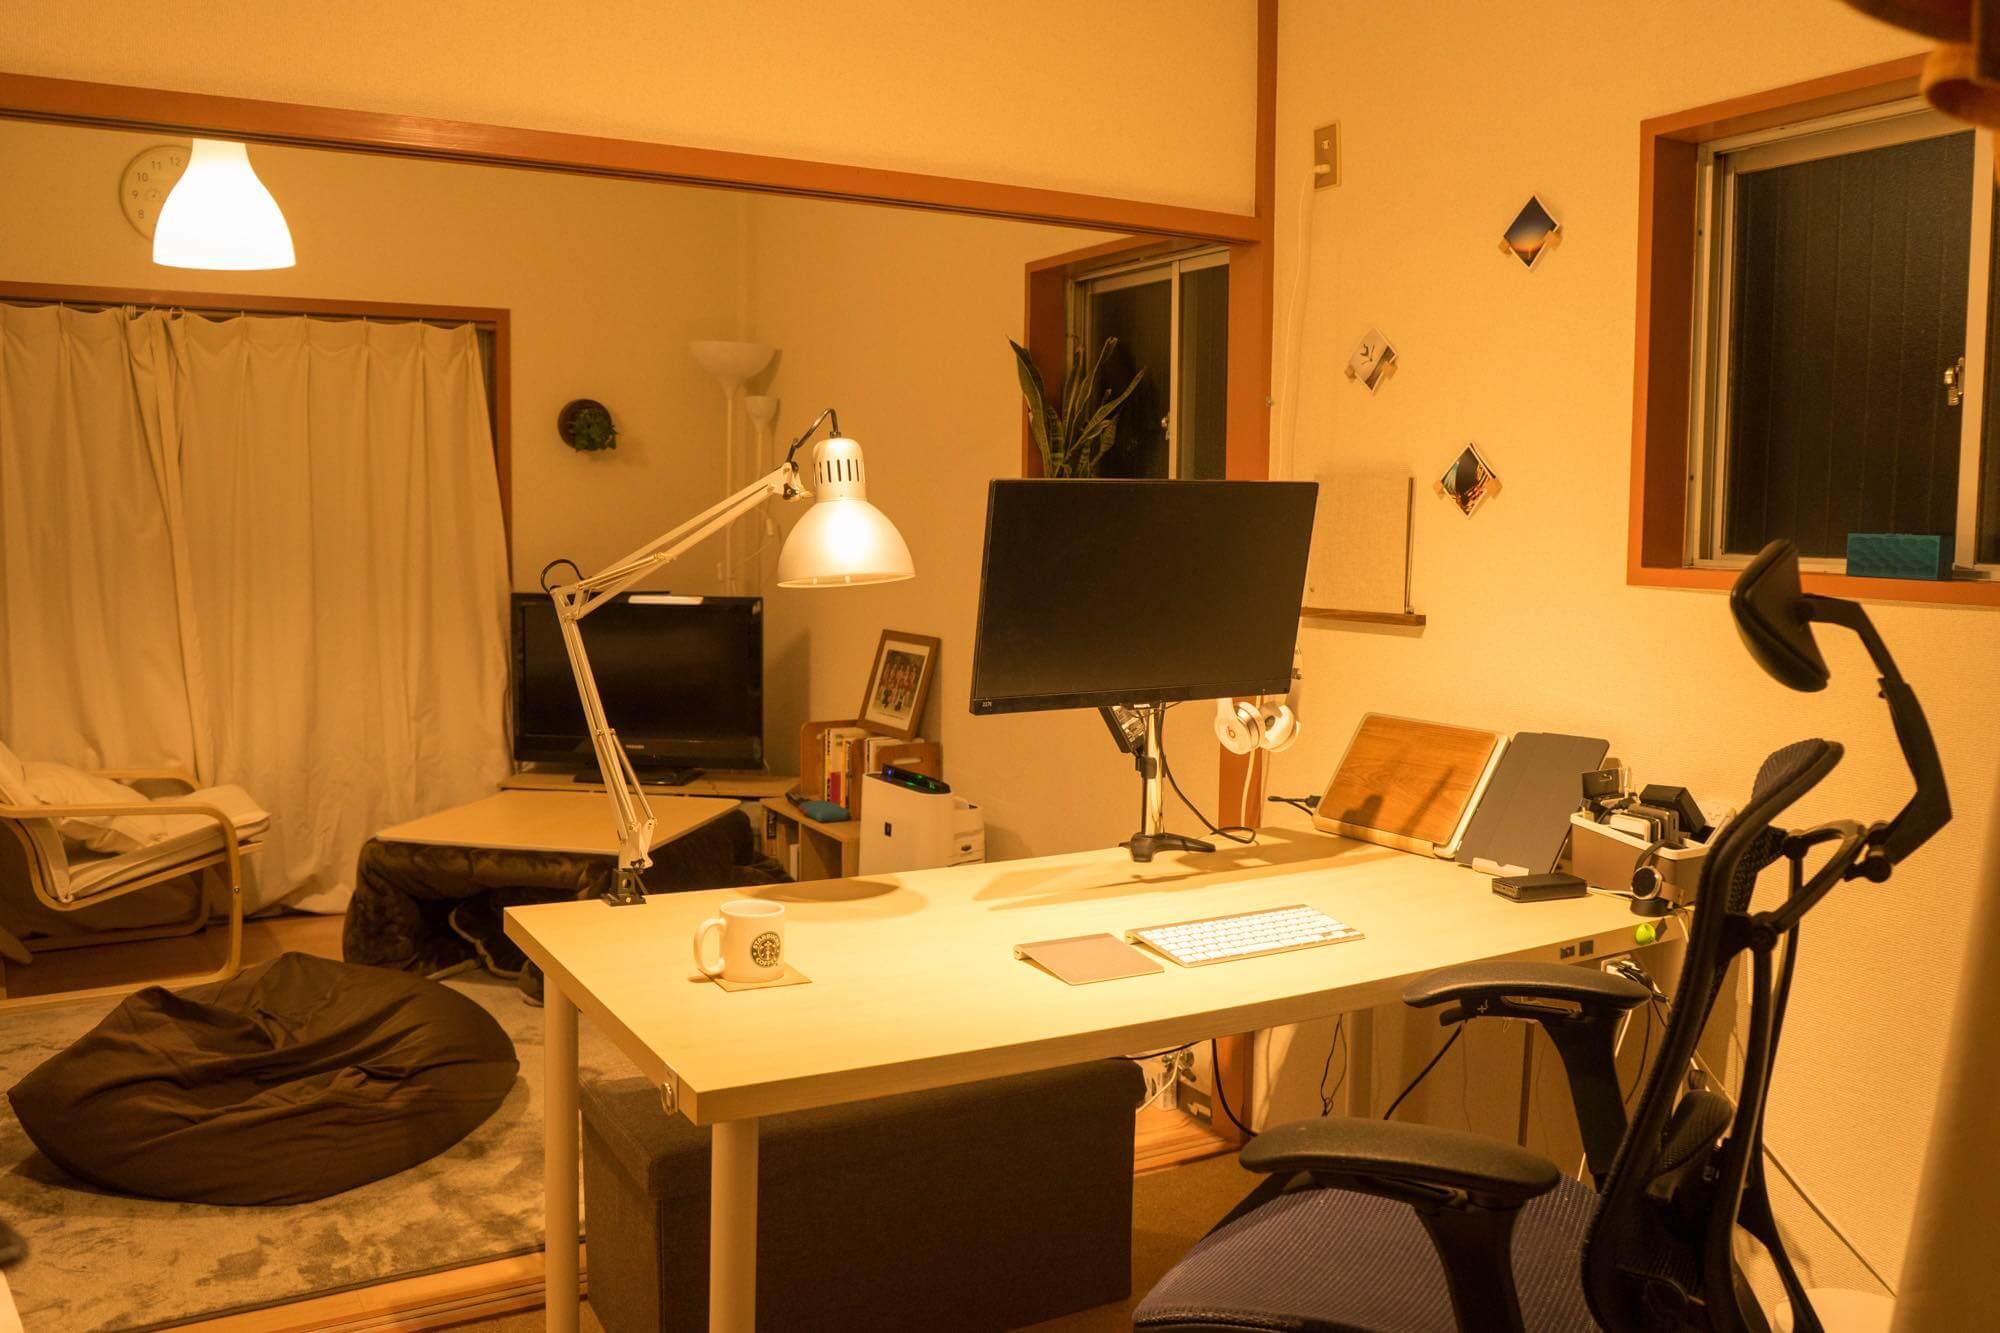 トバログの作業空間はこんな感じ。3畳ほどの狭い空間ながら、隣の部屋との仕切りを取り外し、より開放感が感じられるようなデスク配置にしている。